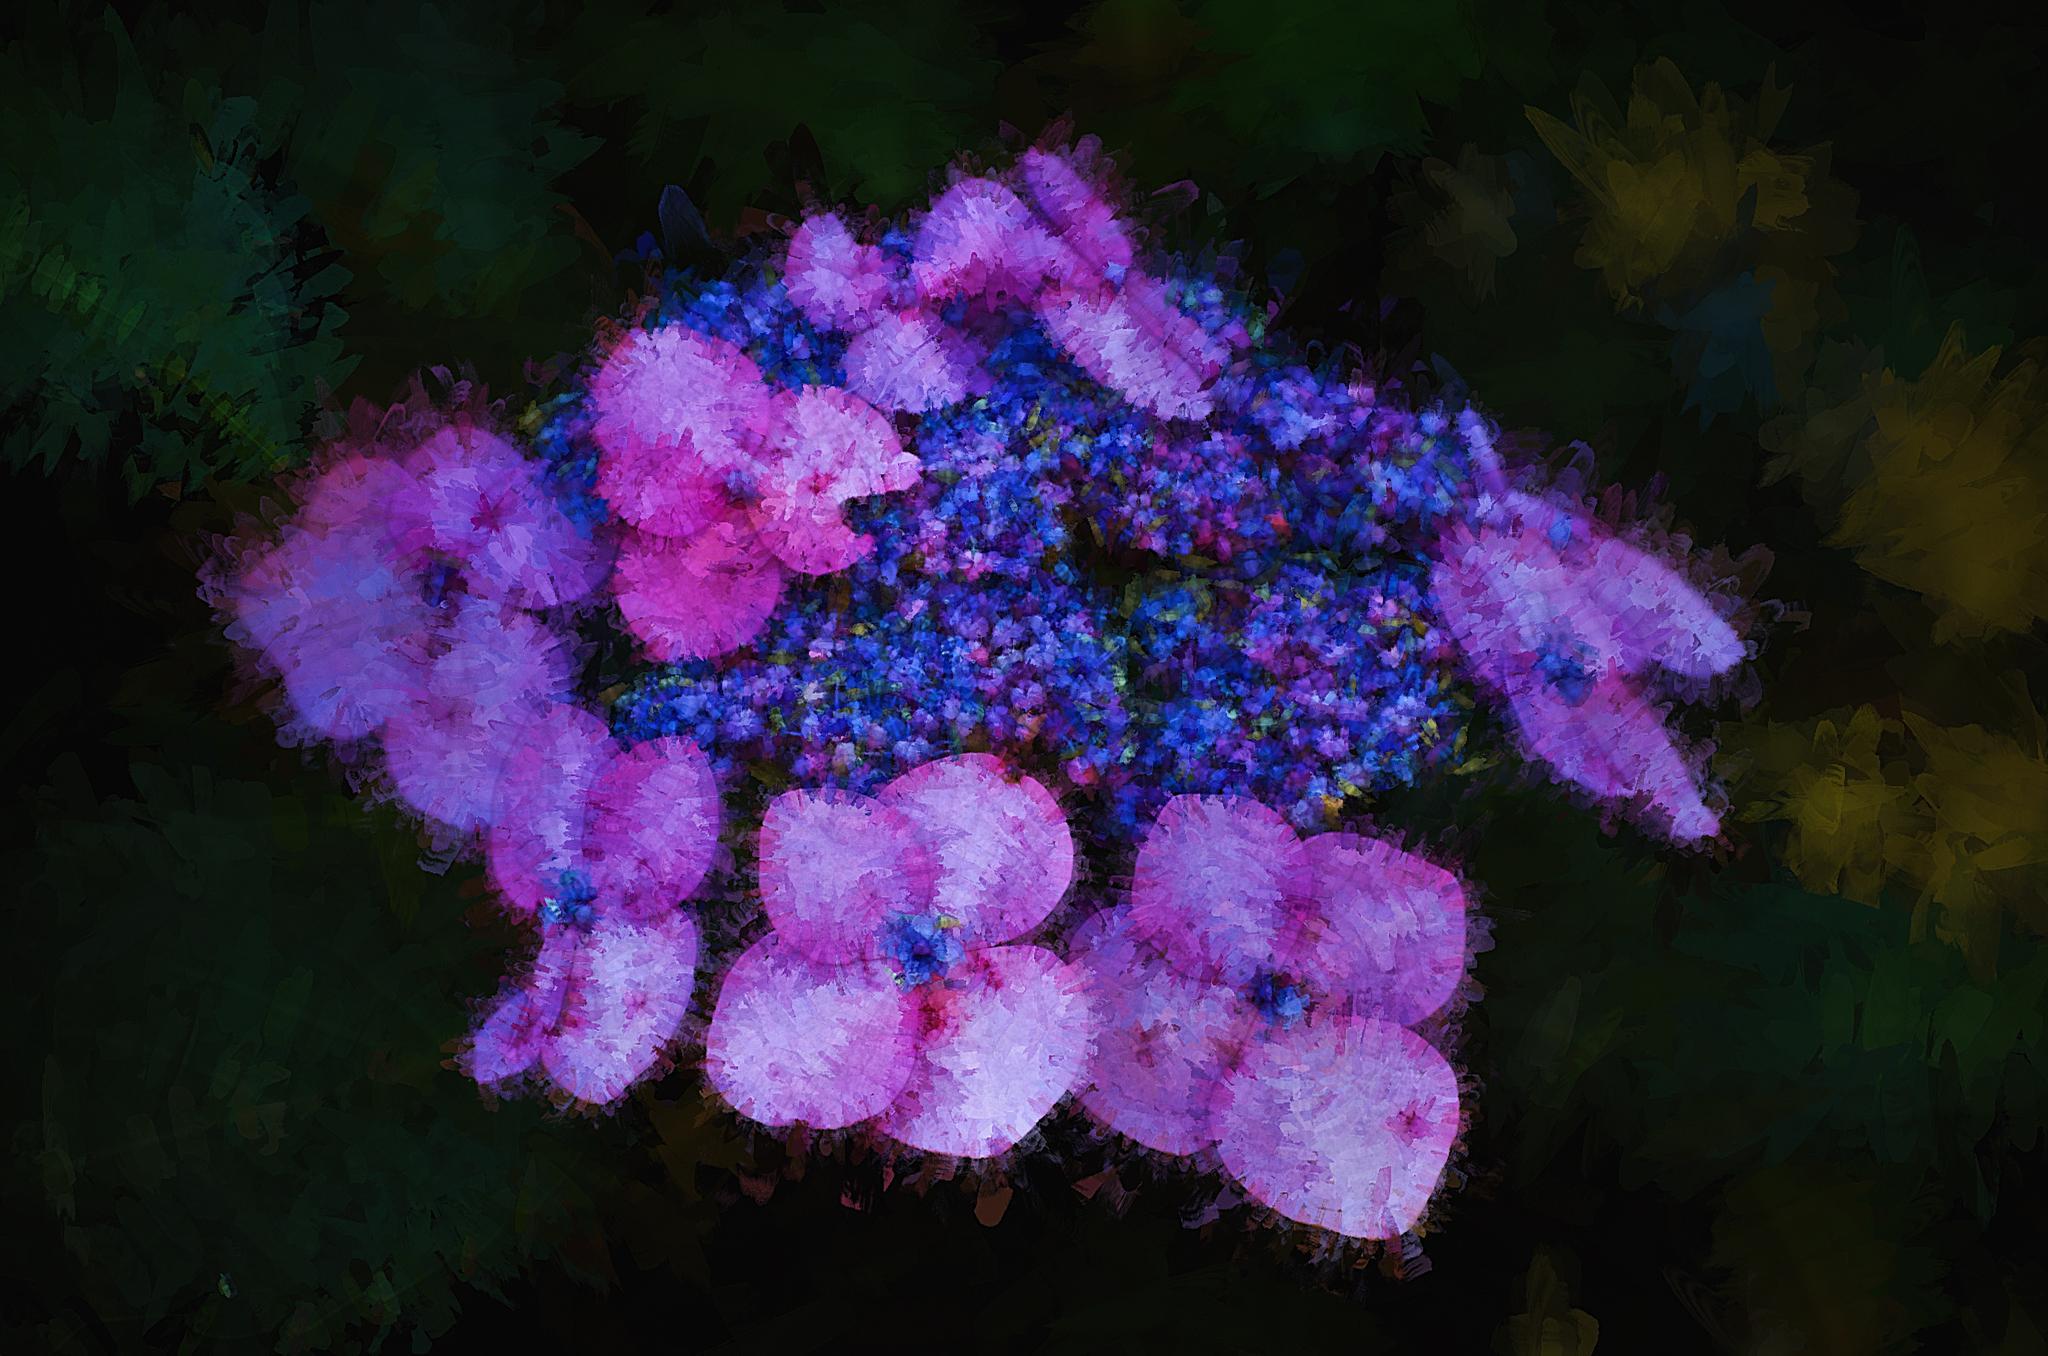 Midnight Garden by JohnEllingson